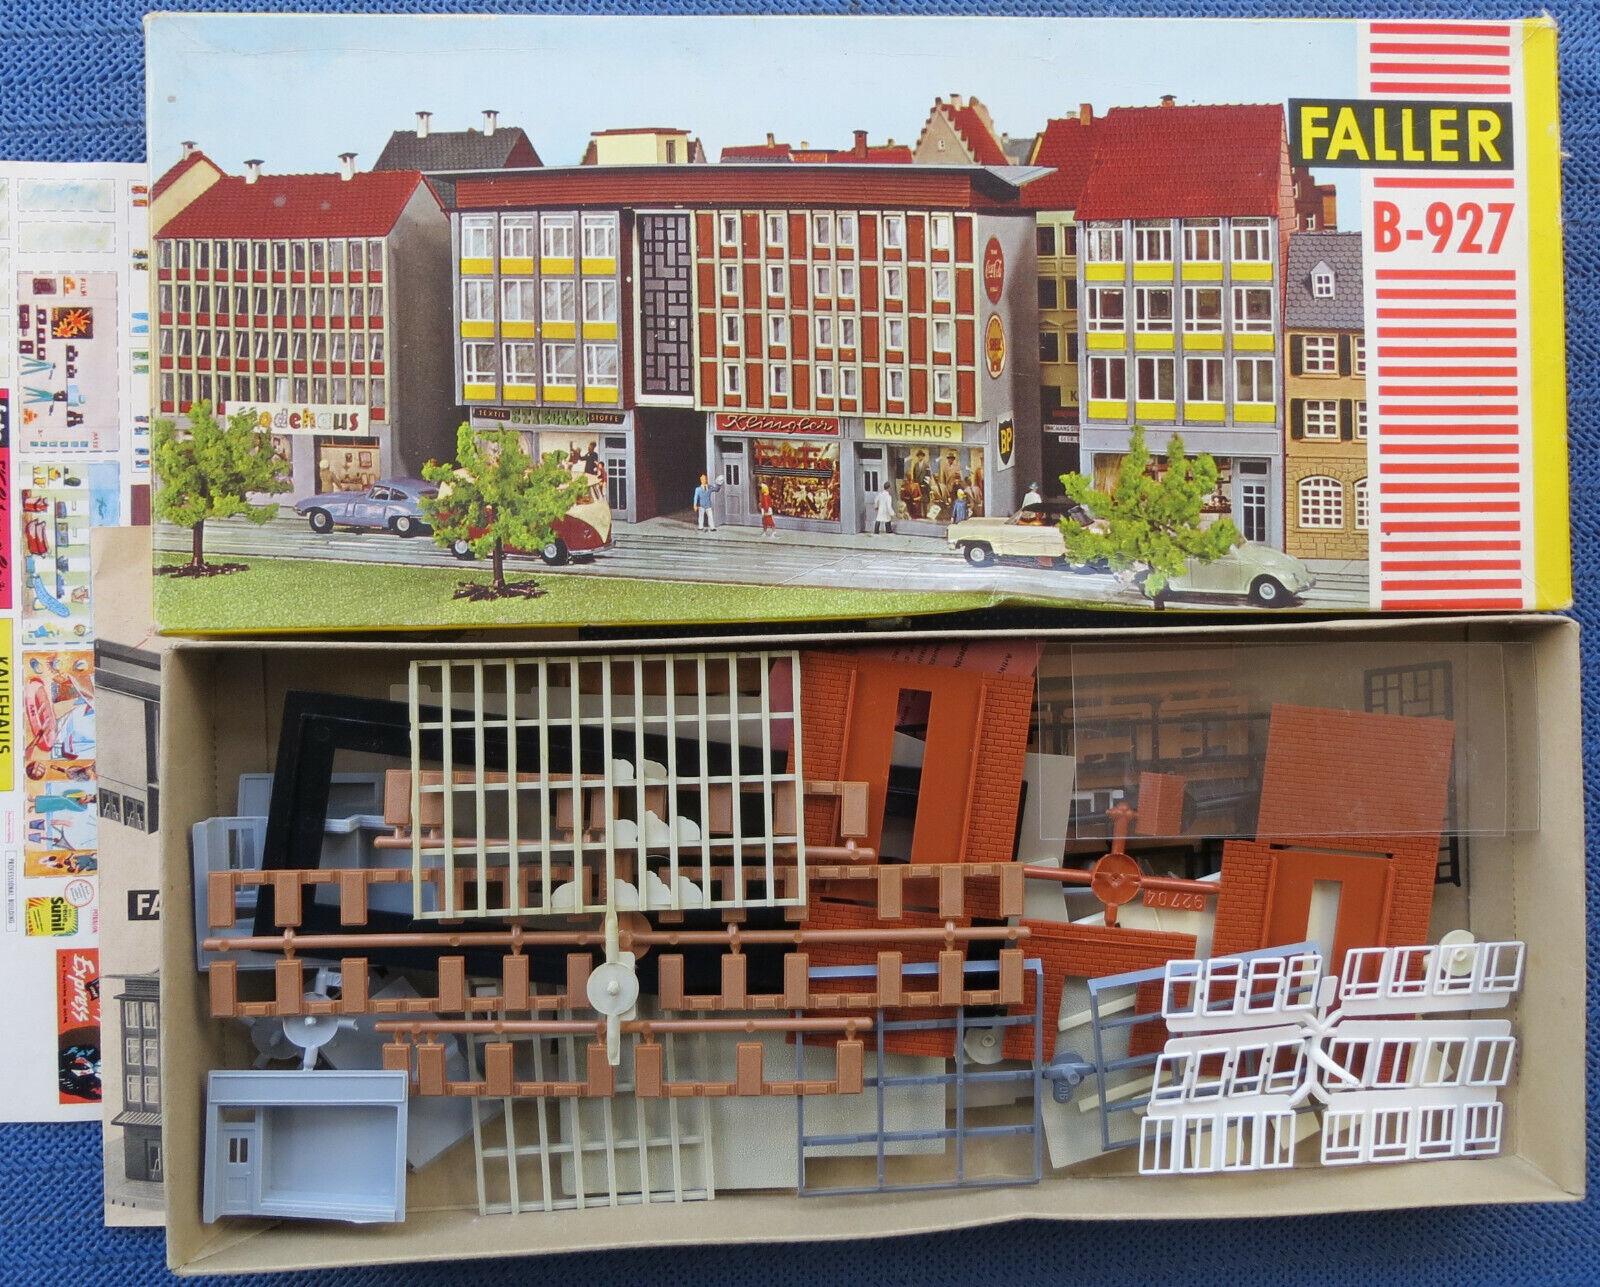 Faller Ams B-927 Blocco Appartamenti   Casa D'Affari, 60er Jahre